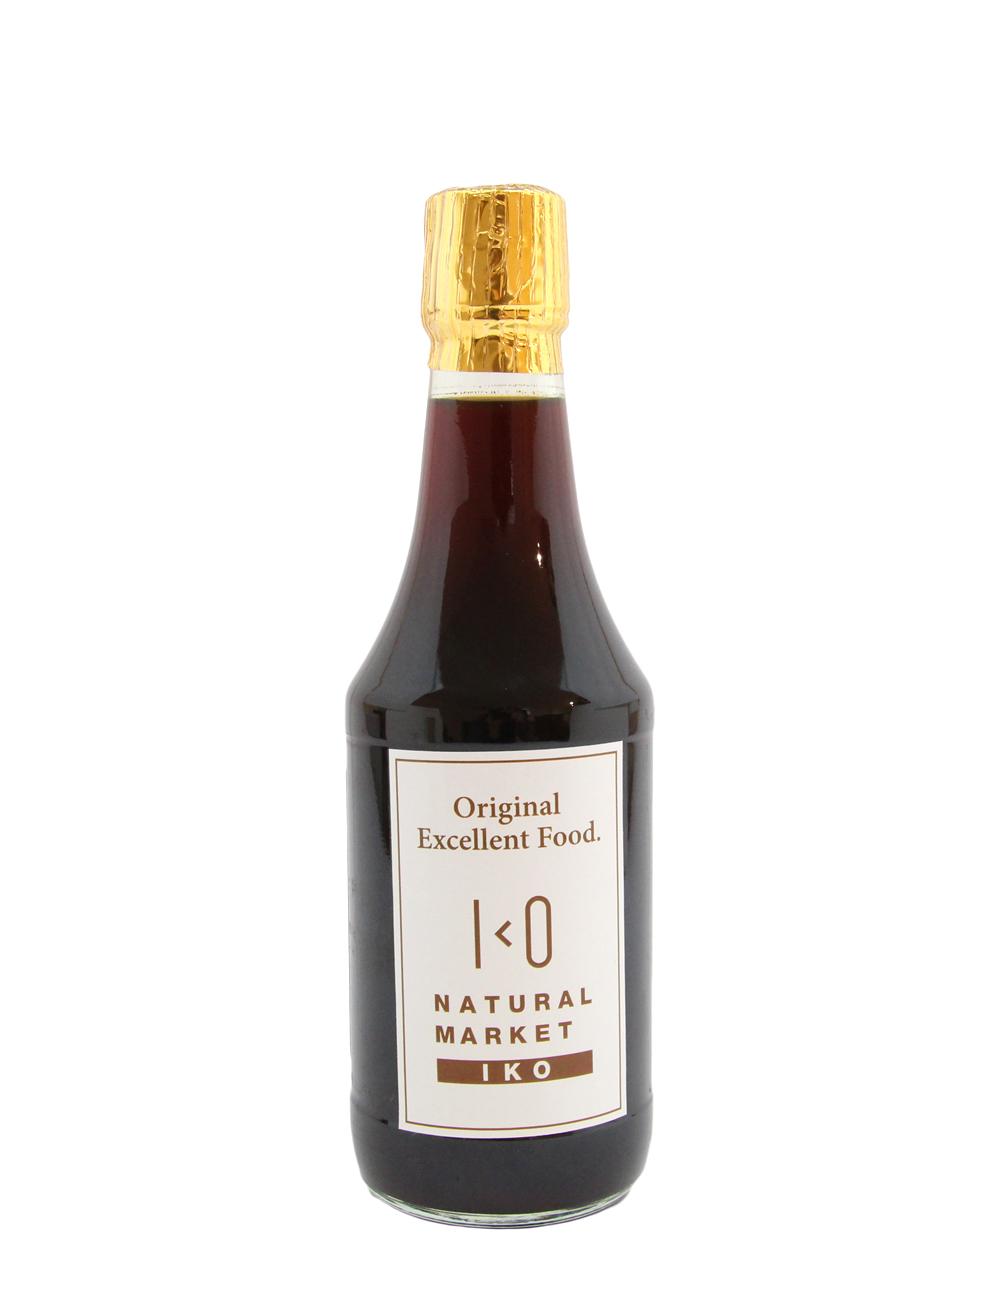 ゆずぽんず IKO 本醸造醤油使用